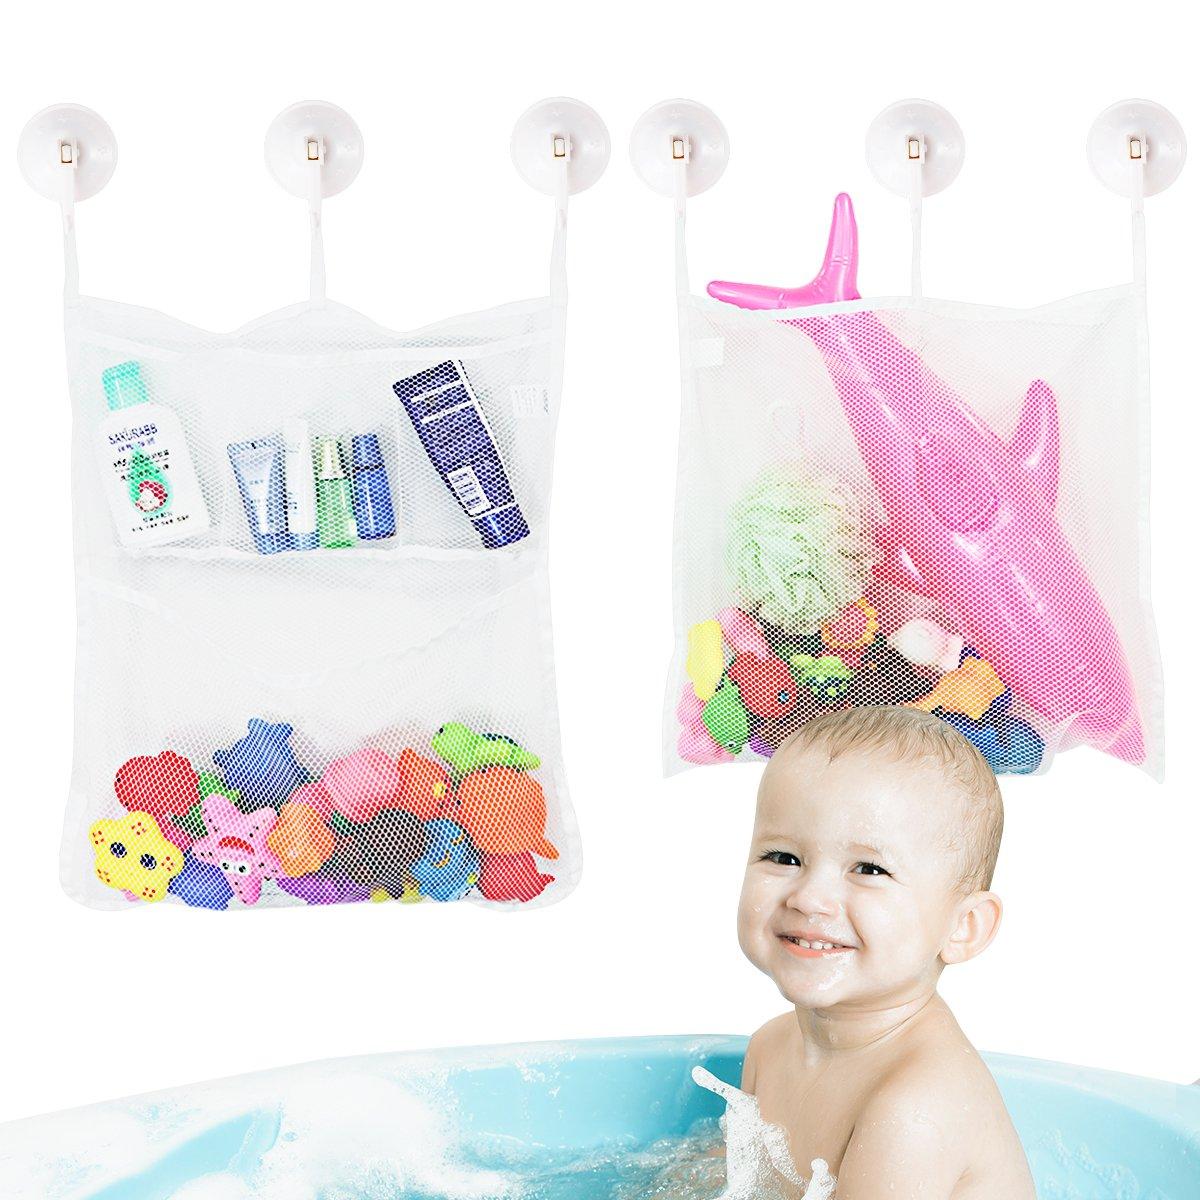 TOYMYTOY Baby Spielzeug Tasche Baby Spielzeug Organisator Badewanne Spielzeug Netz Badezimmer Lagerung Net 2 St/ück mit 6 Saughaken